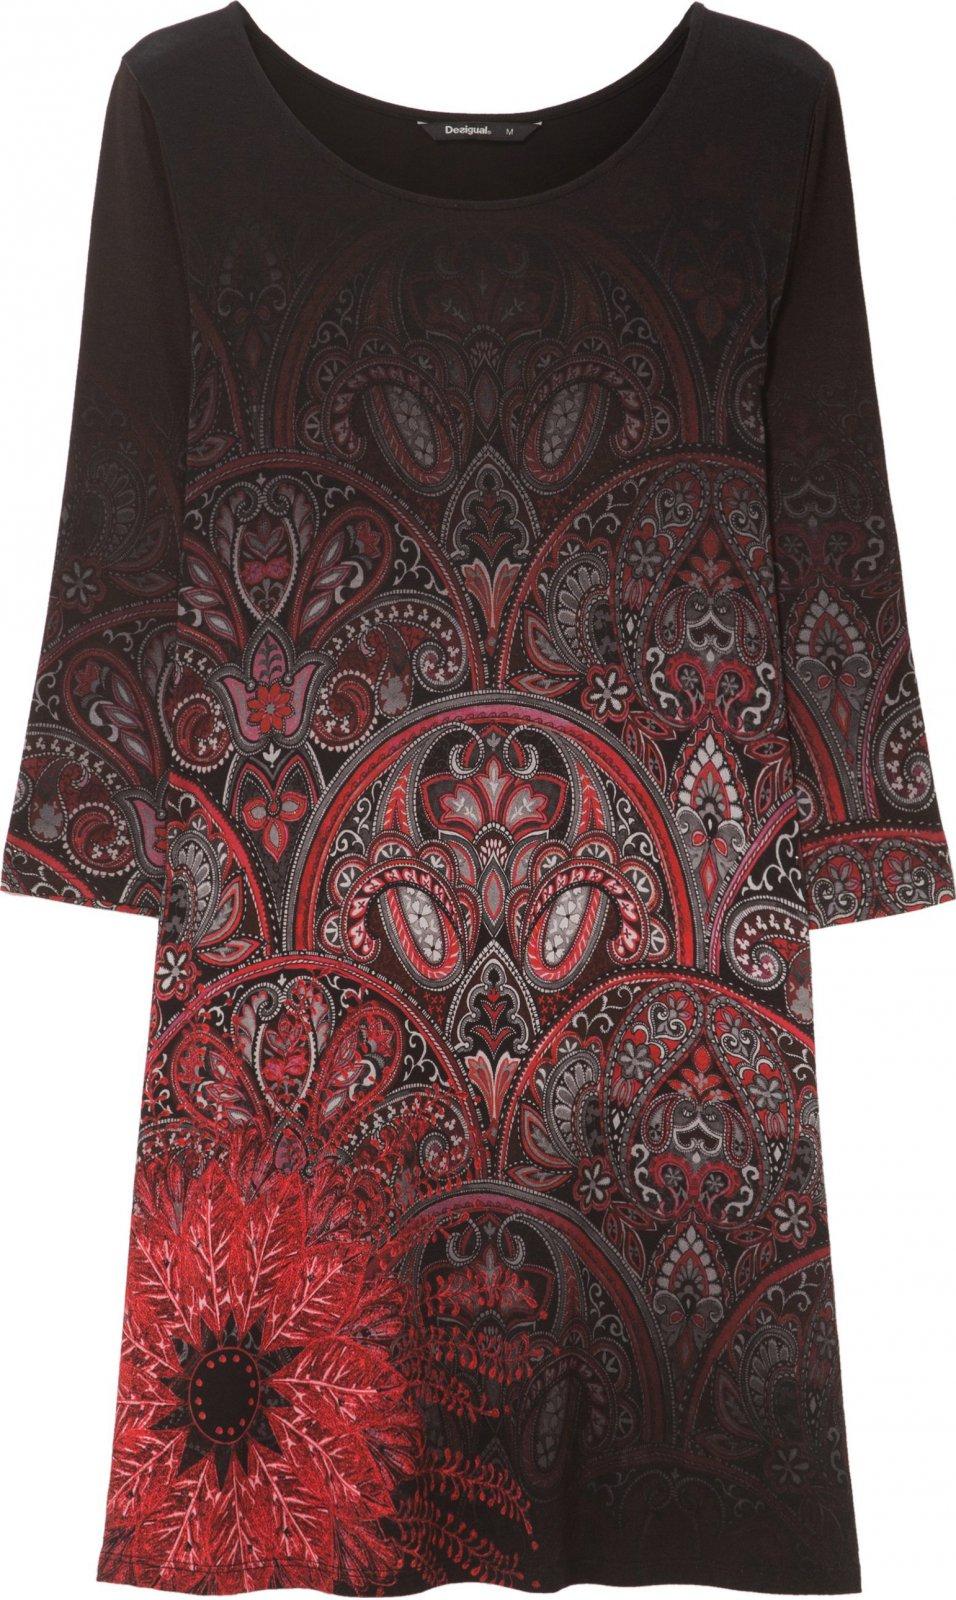 6e1042660b0 Desigual Vest Jaipur Negro od 1 429 Kč • Zboží.cz